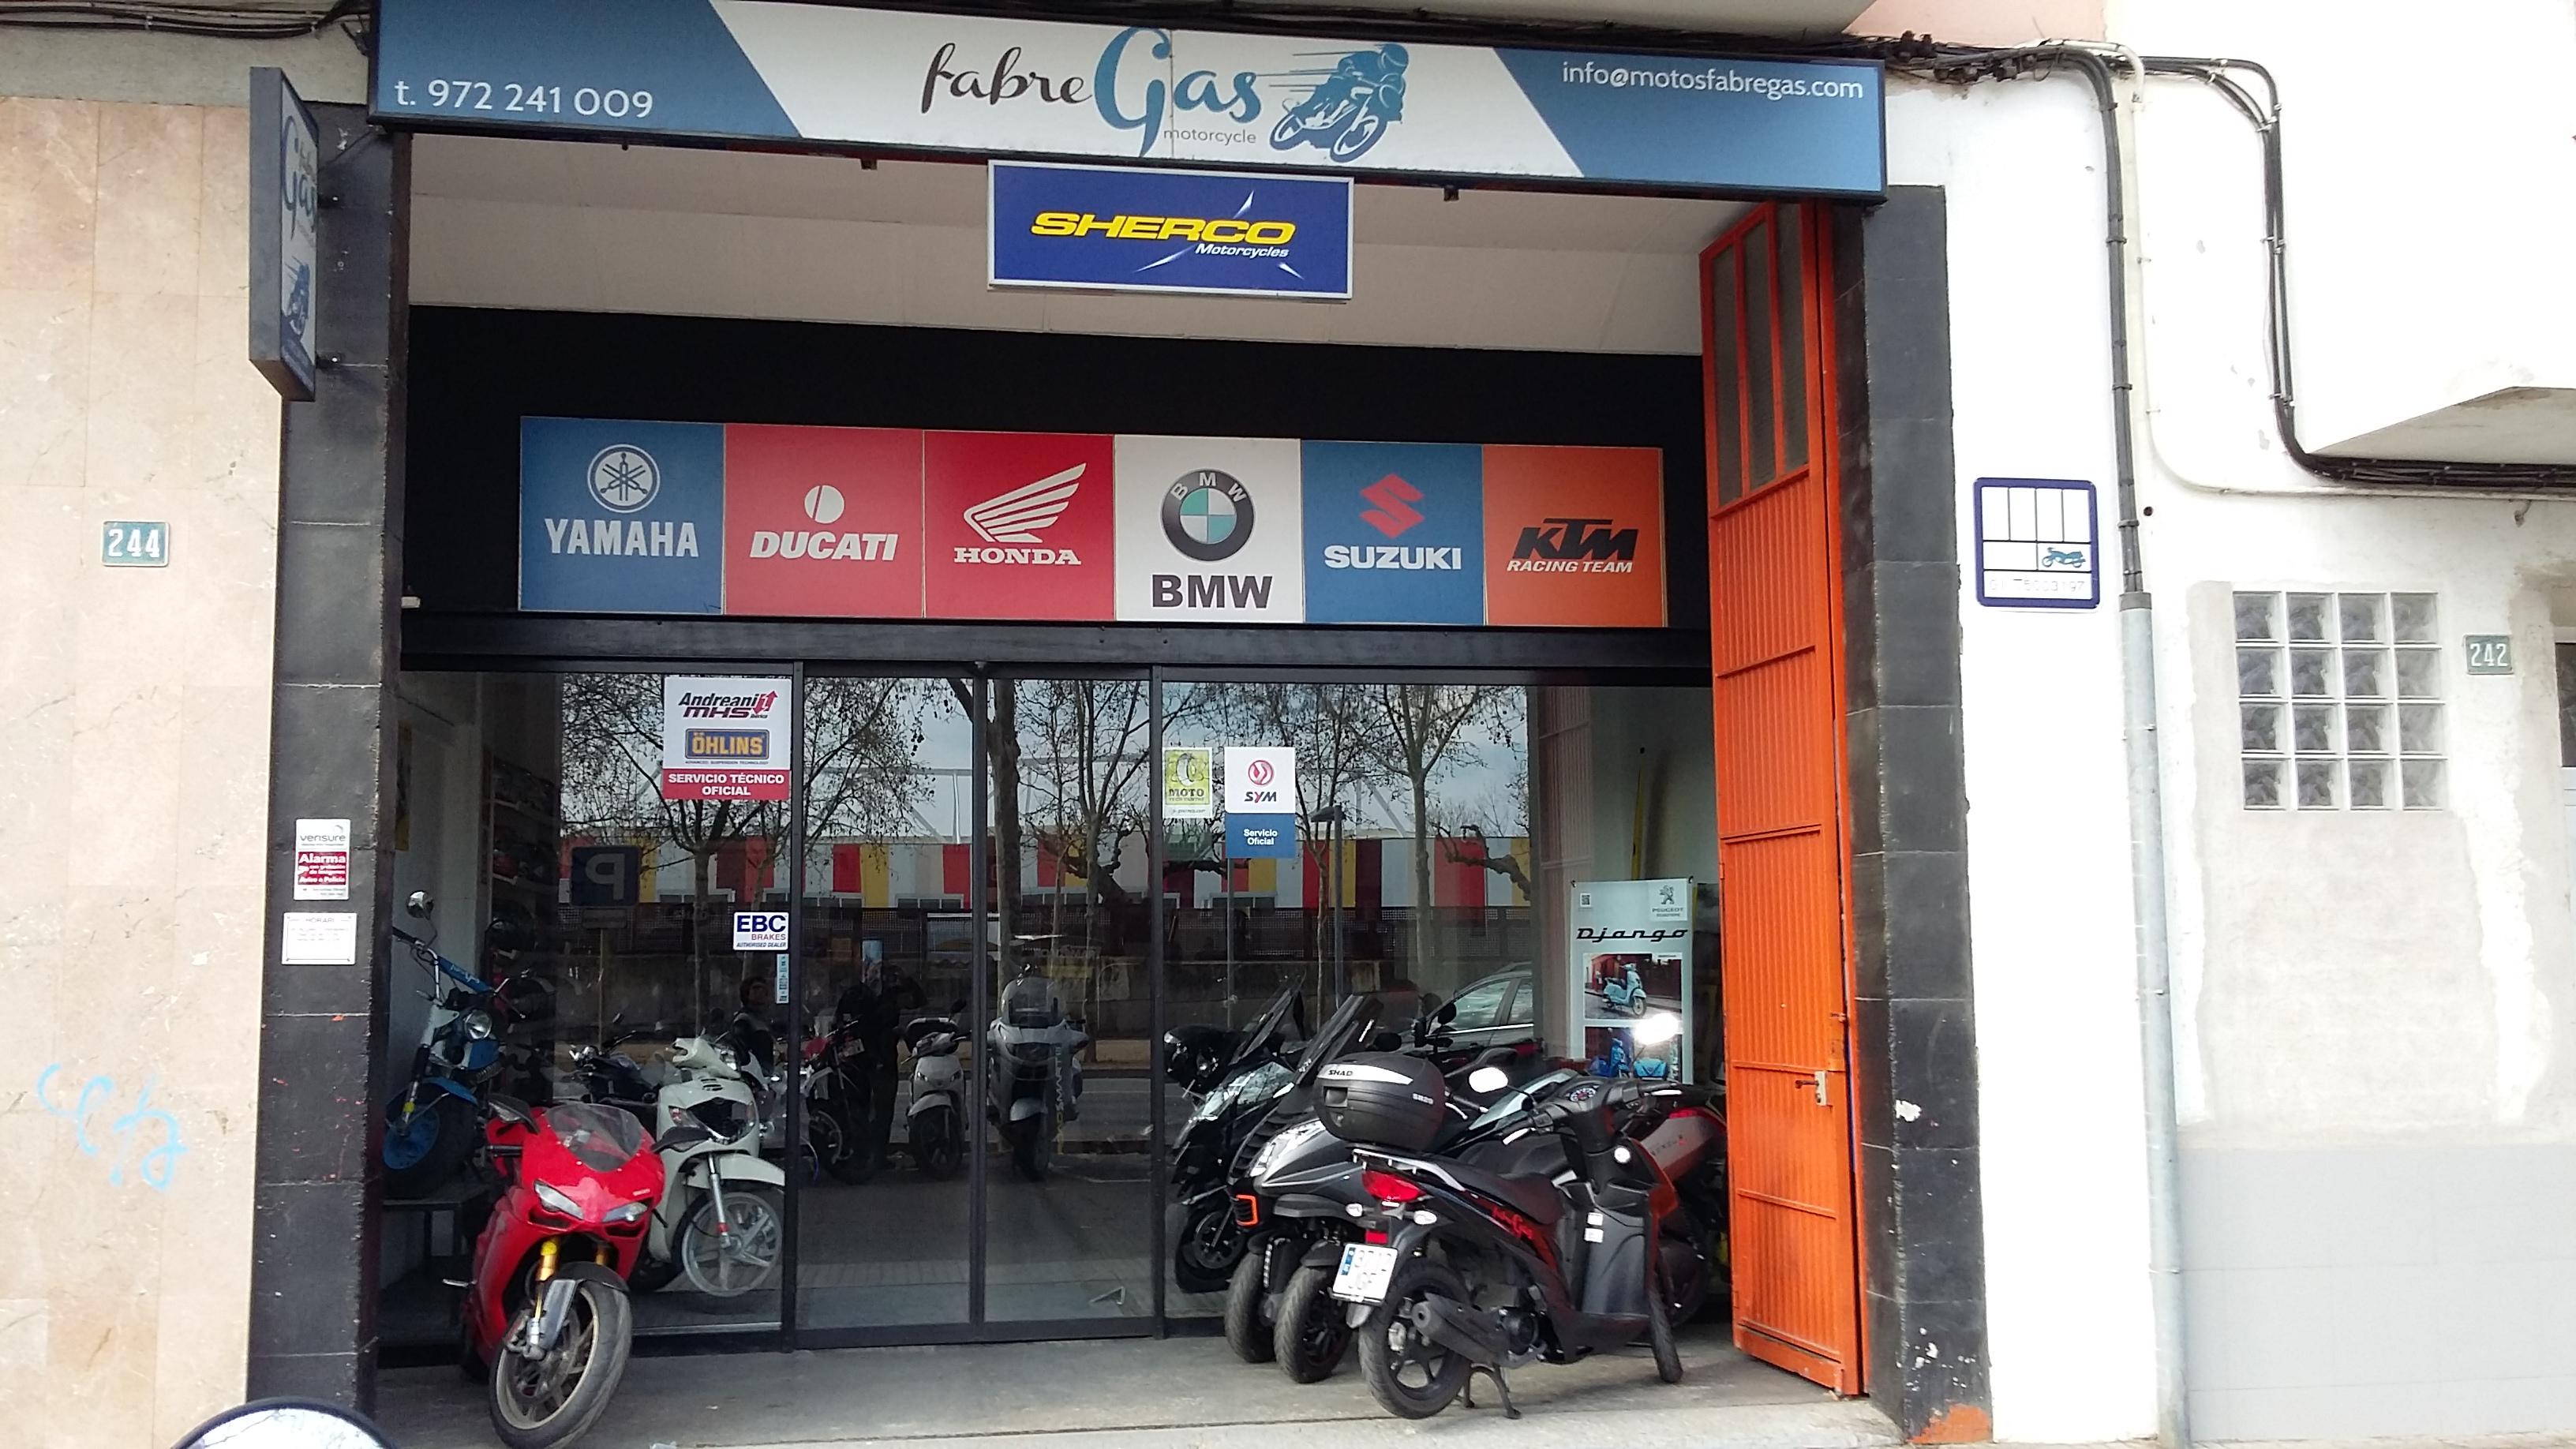 Motos FabreGas, Nuevo Asociado ISTA De Motos En Salt (Girona)